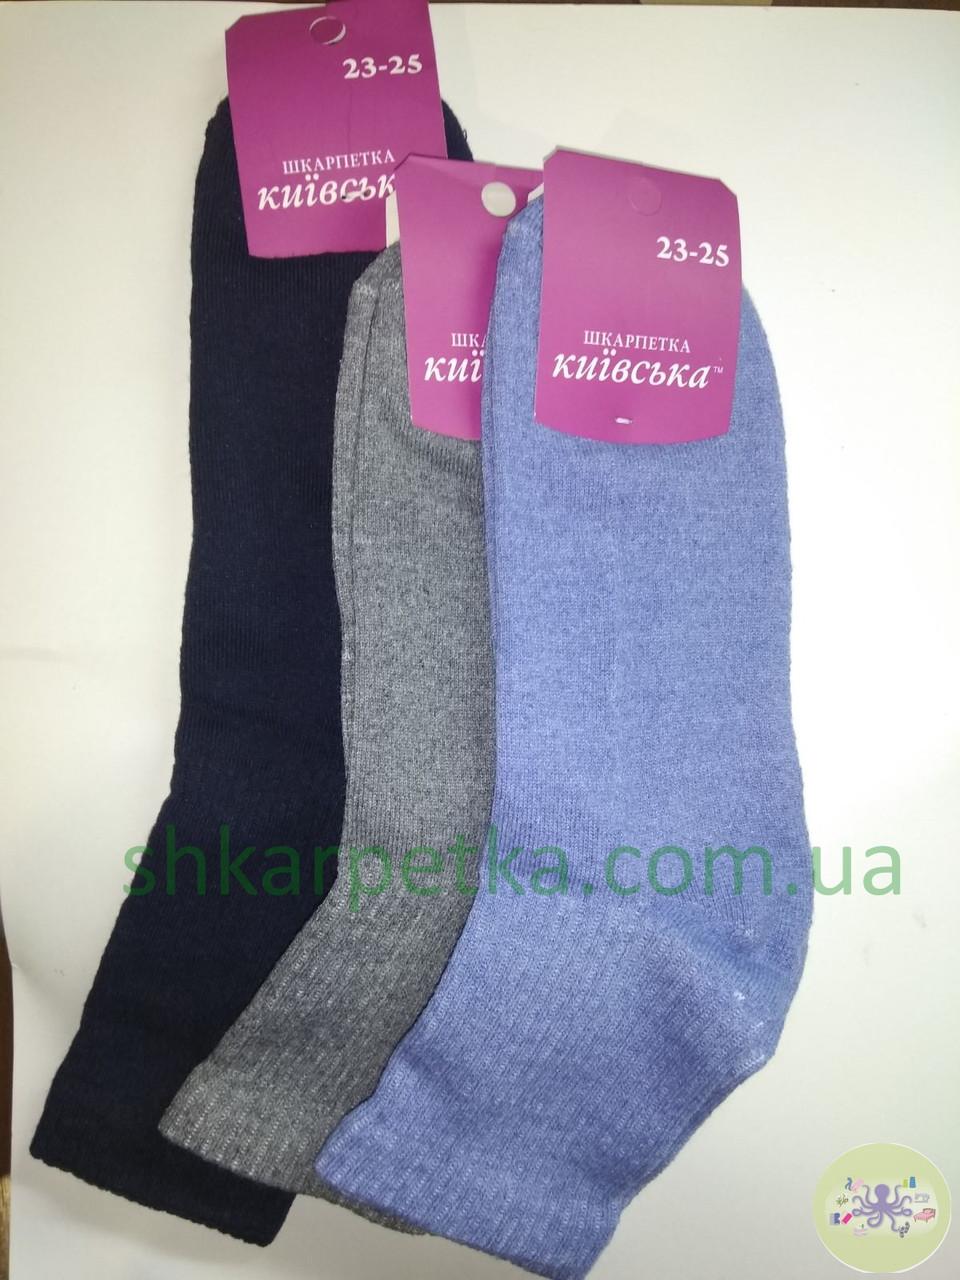 Жіночі шкарпетки махровий слід